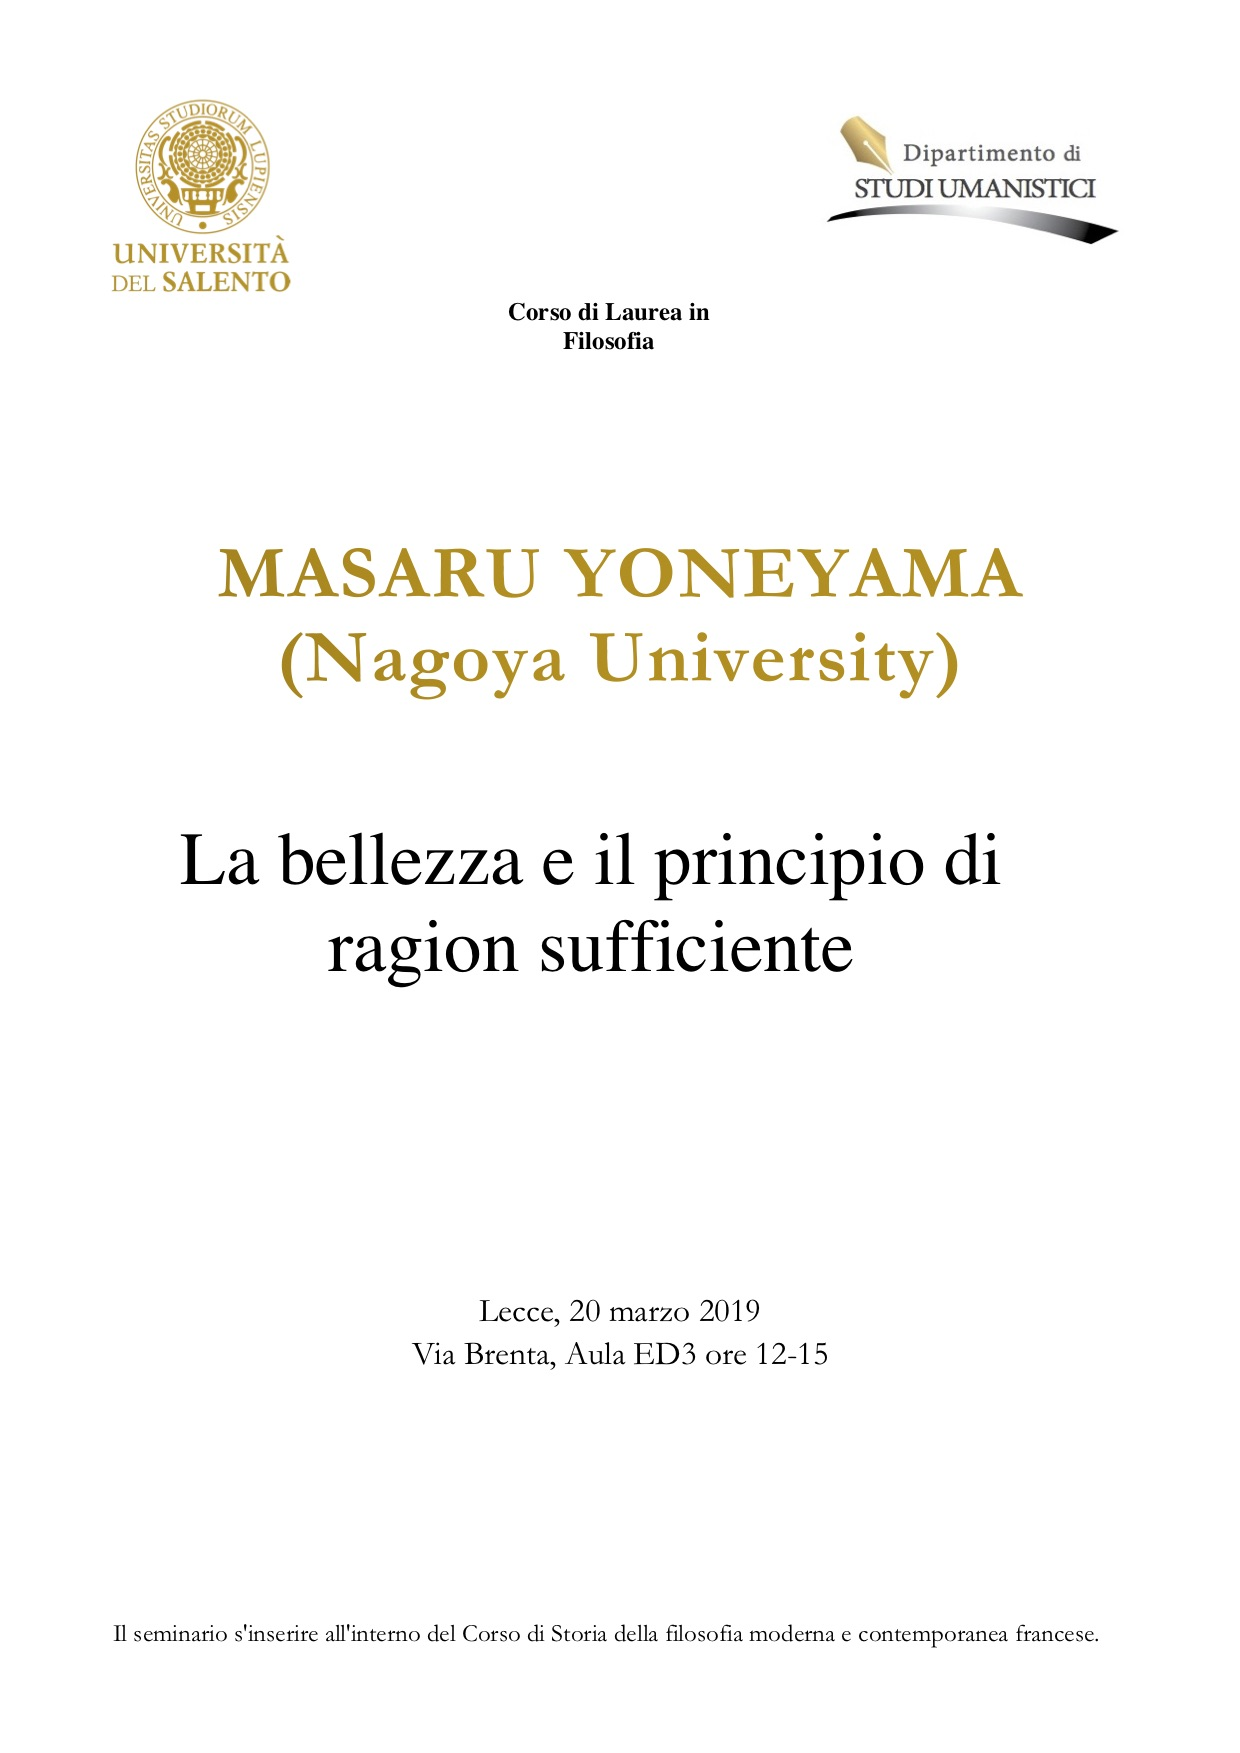 Calendario Sedute Di Laurea Unisa.Didattica Dei Dip Di Studi Umanistici Beni Culturali